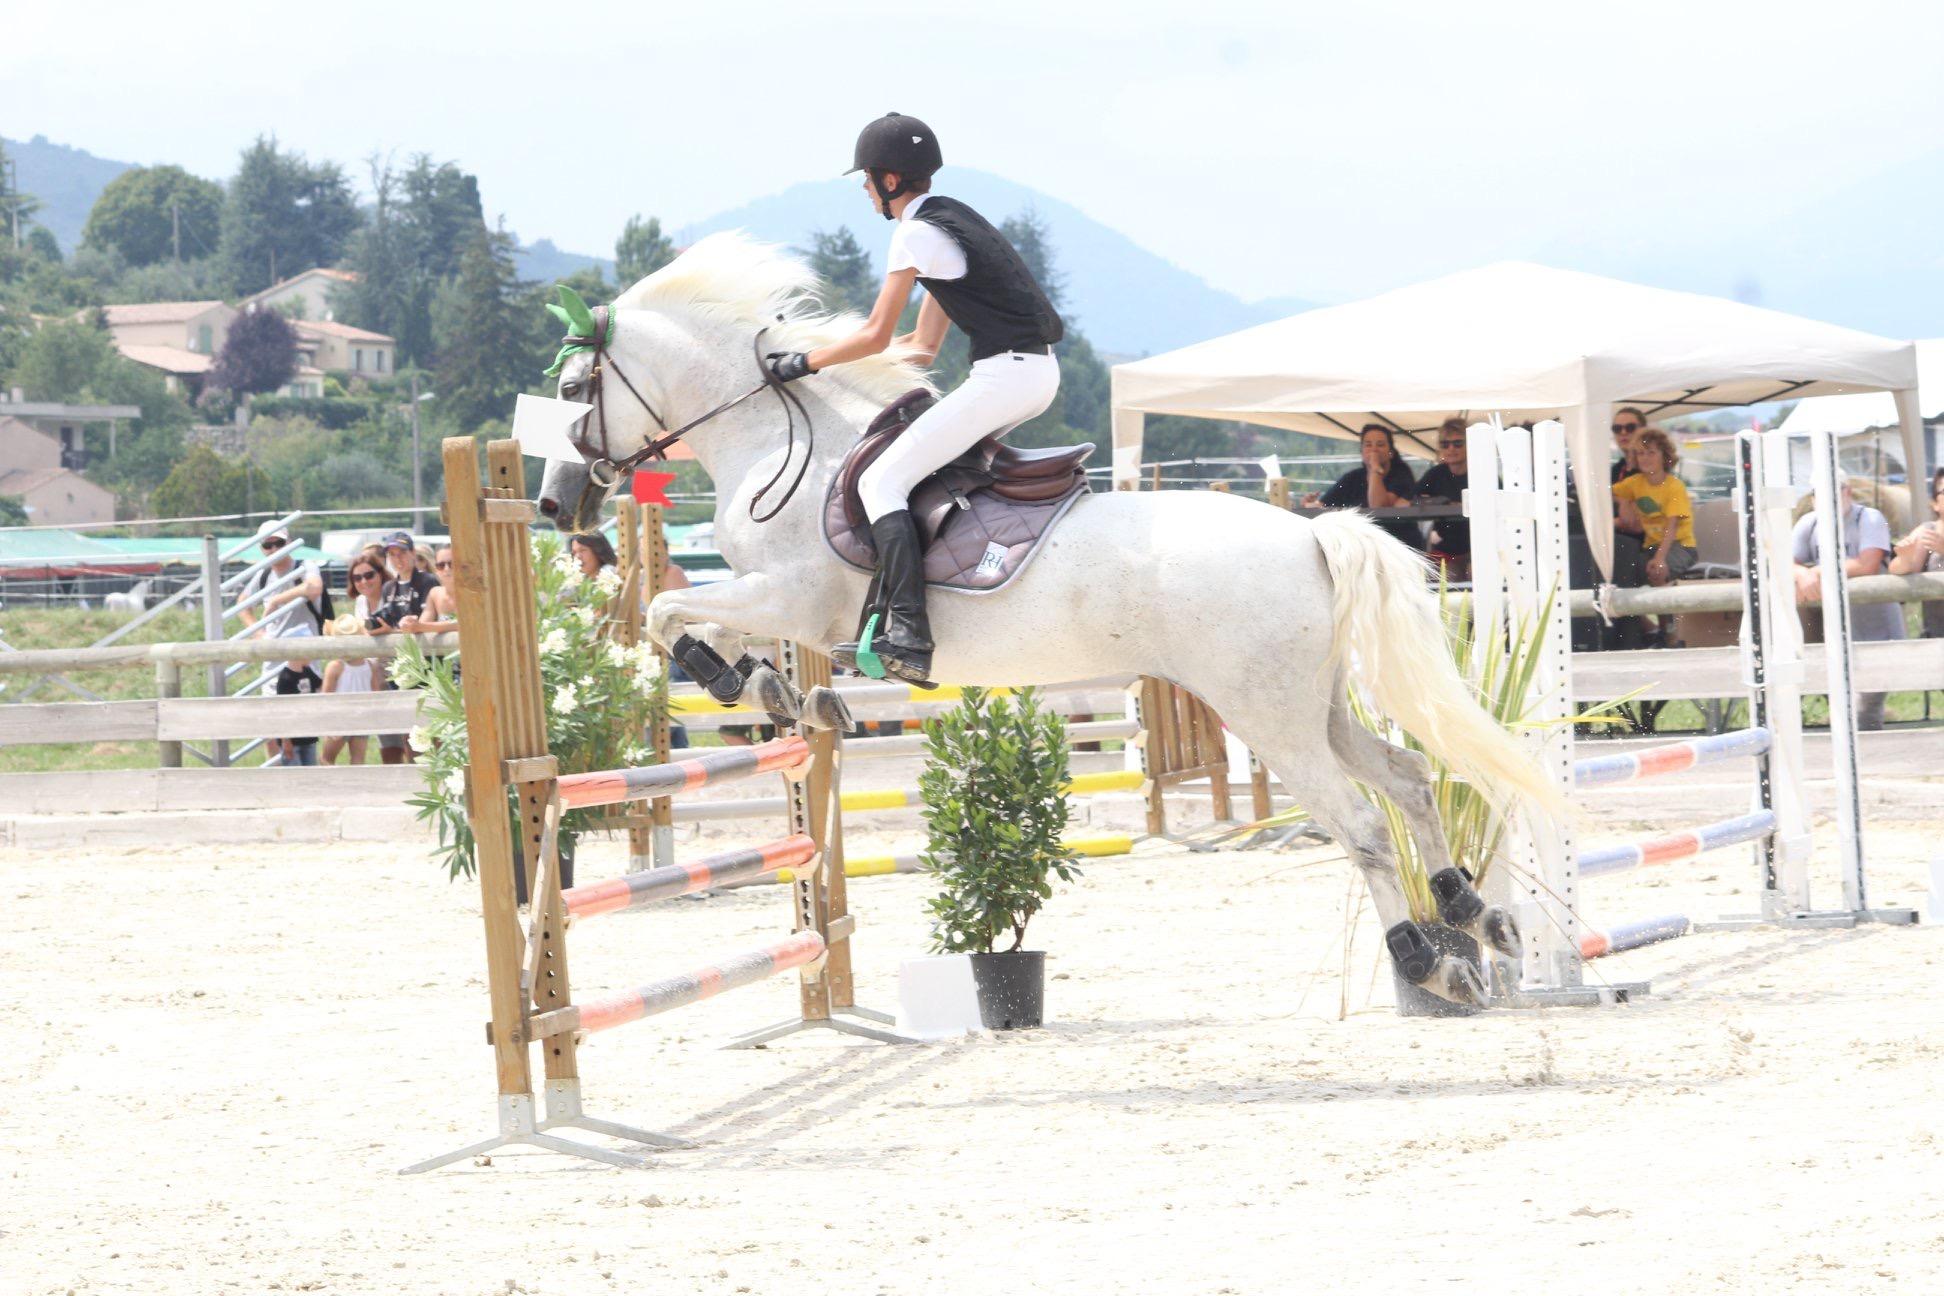 aucop-levens-fete du cheval-sonorisation-eclairage-location-materiel-audiovisuel-nice-paris-marseille-amsl equitation-evenement